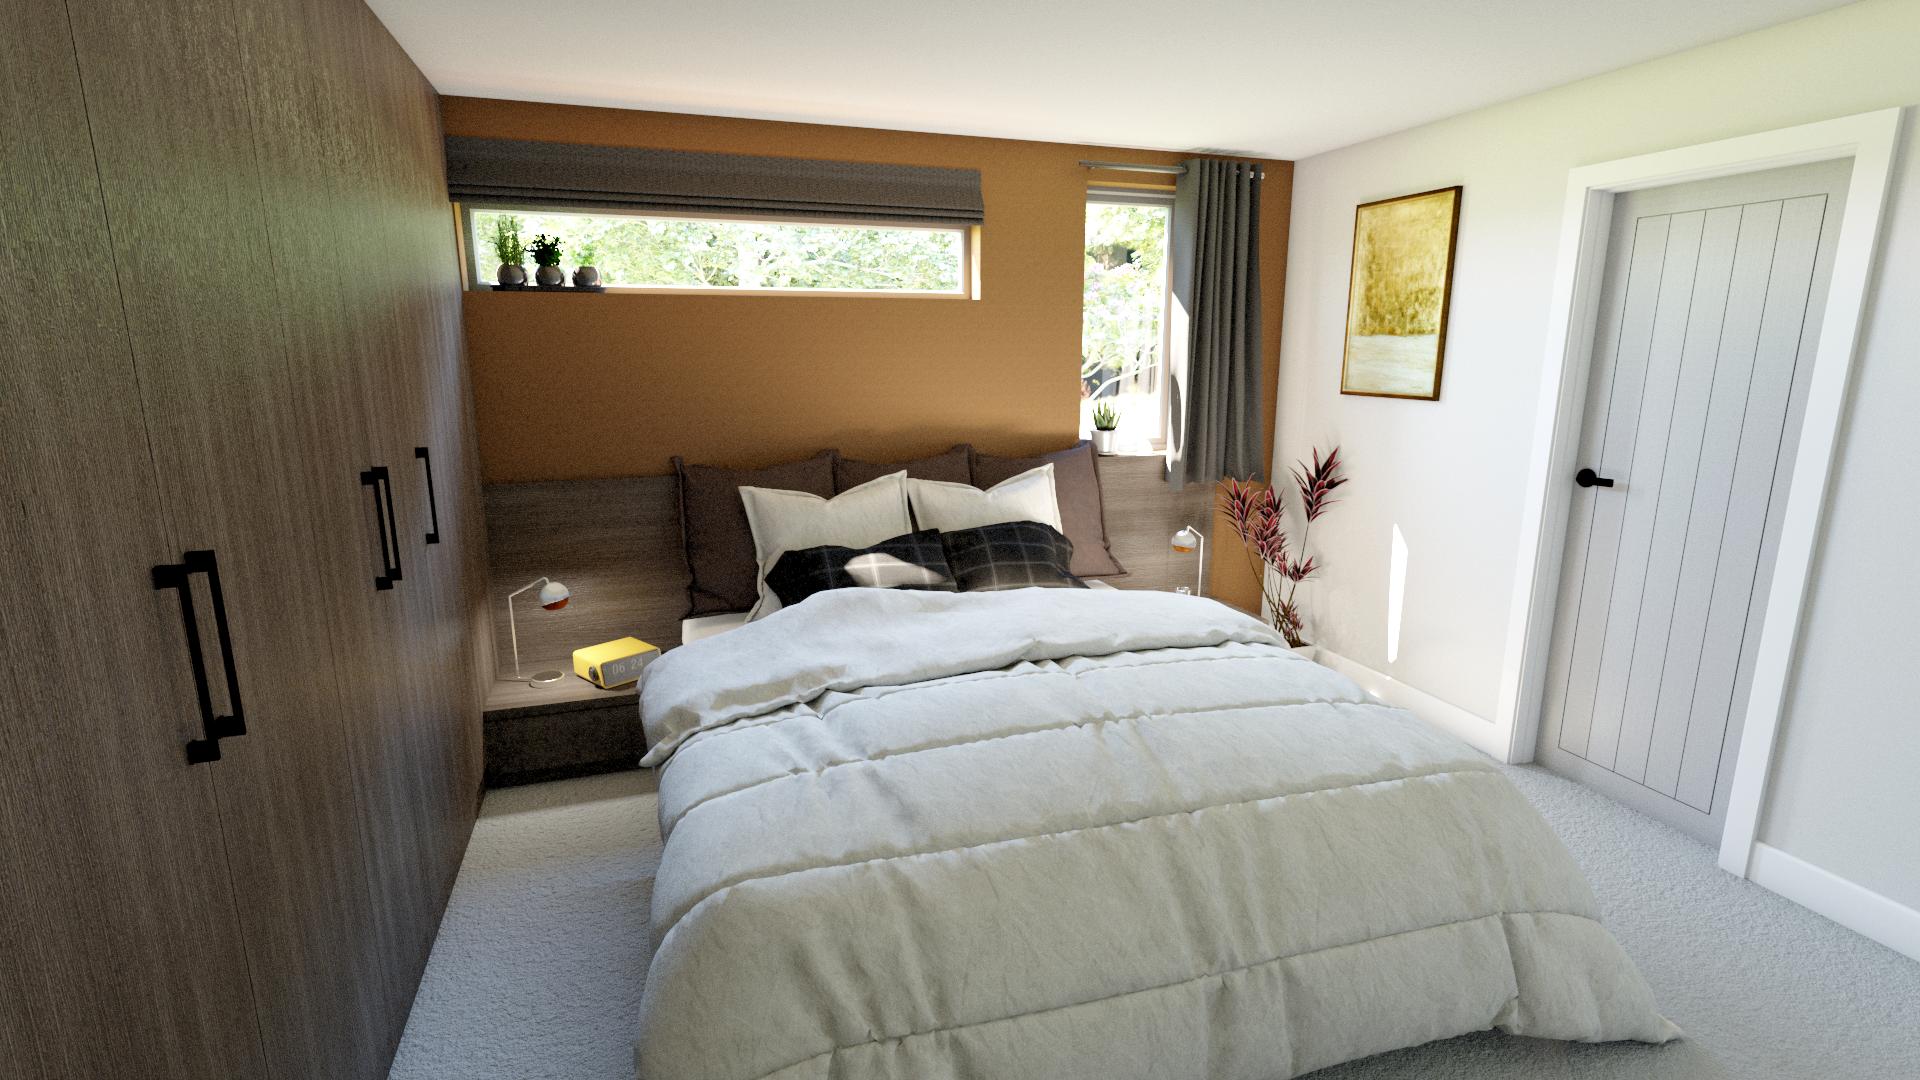 - Bedroom Render - POST PROCESSING V4-1